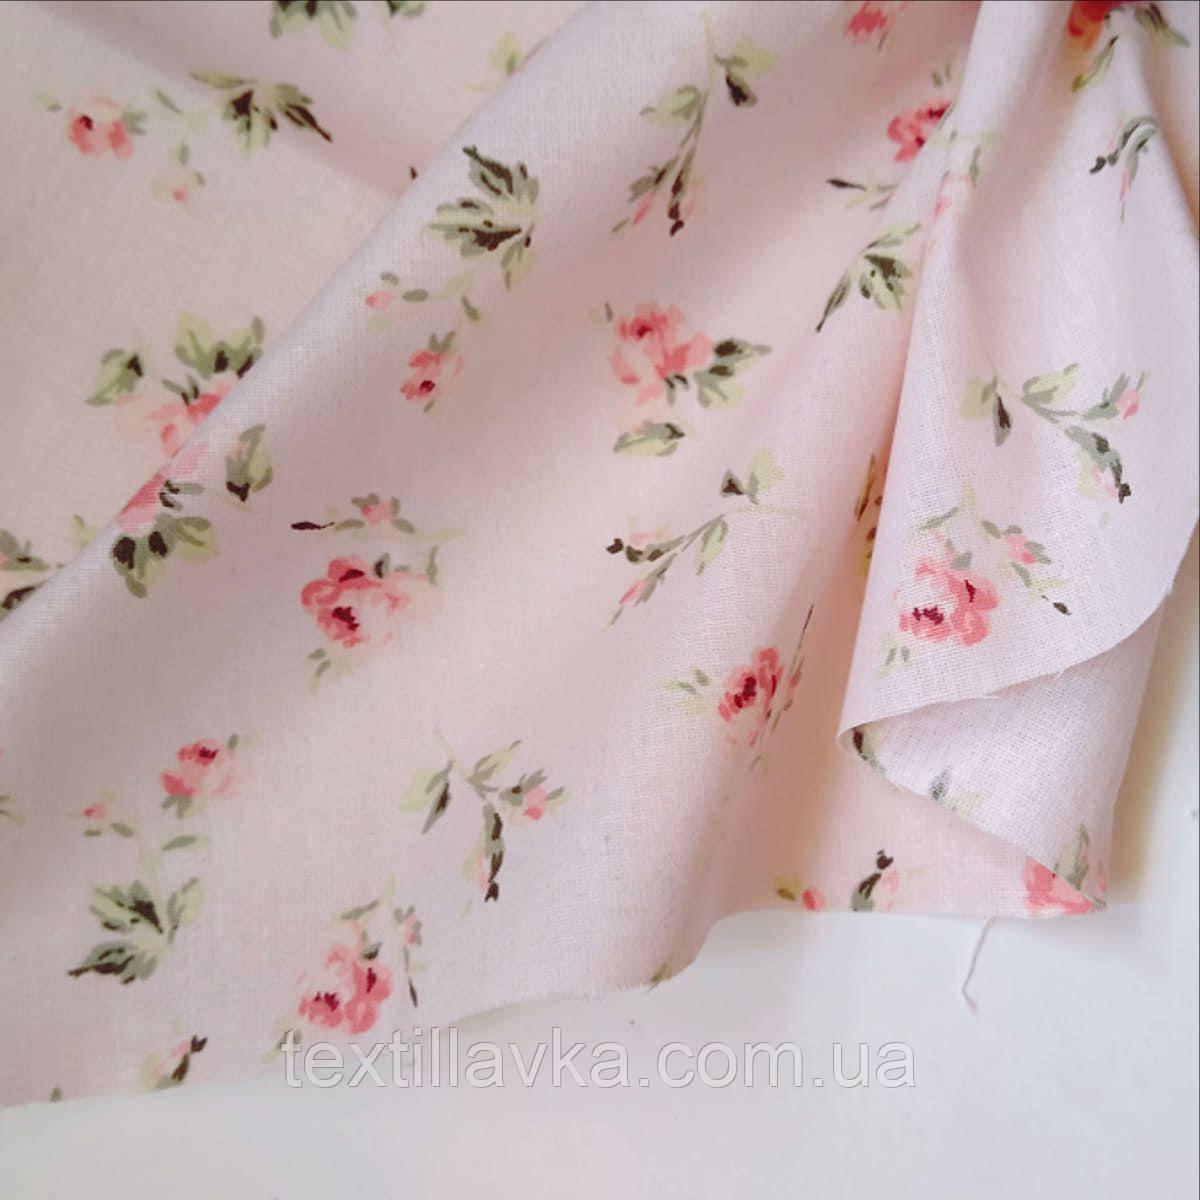 Ткань хлопок винтажные розовые цветочки